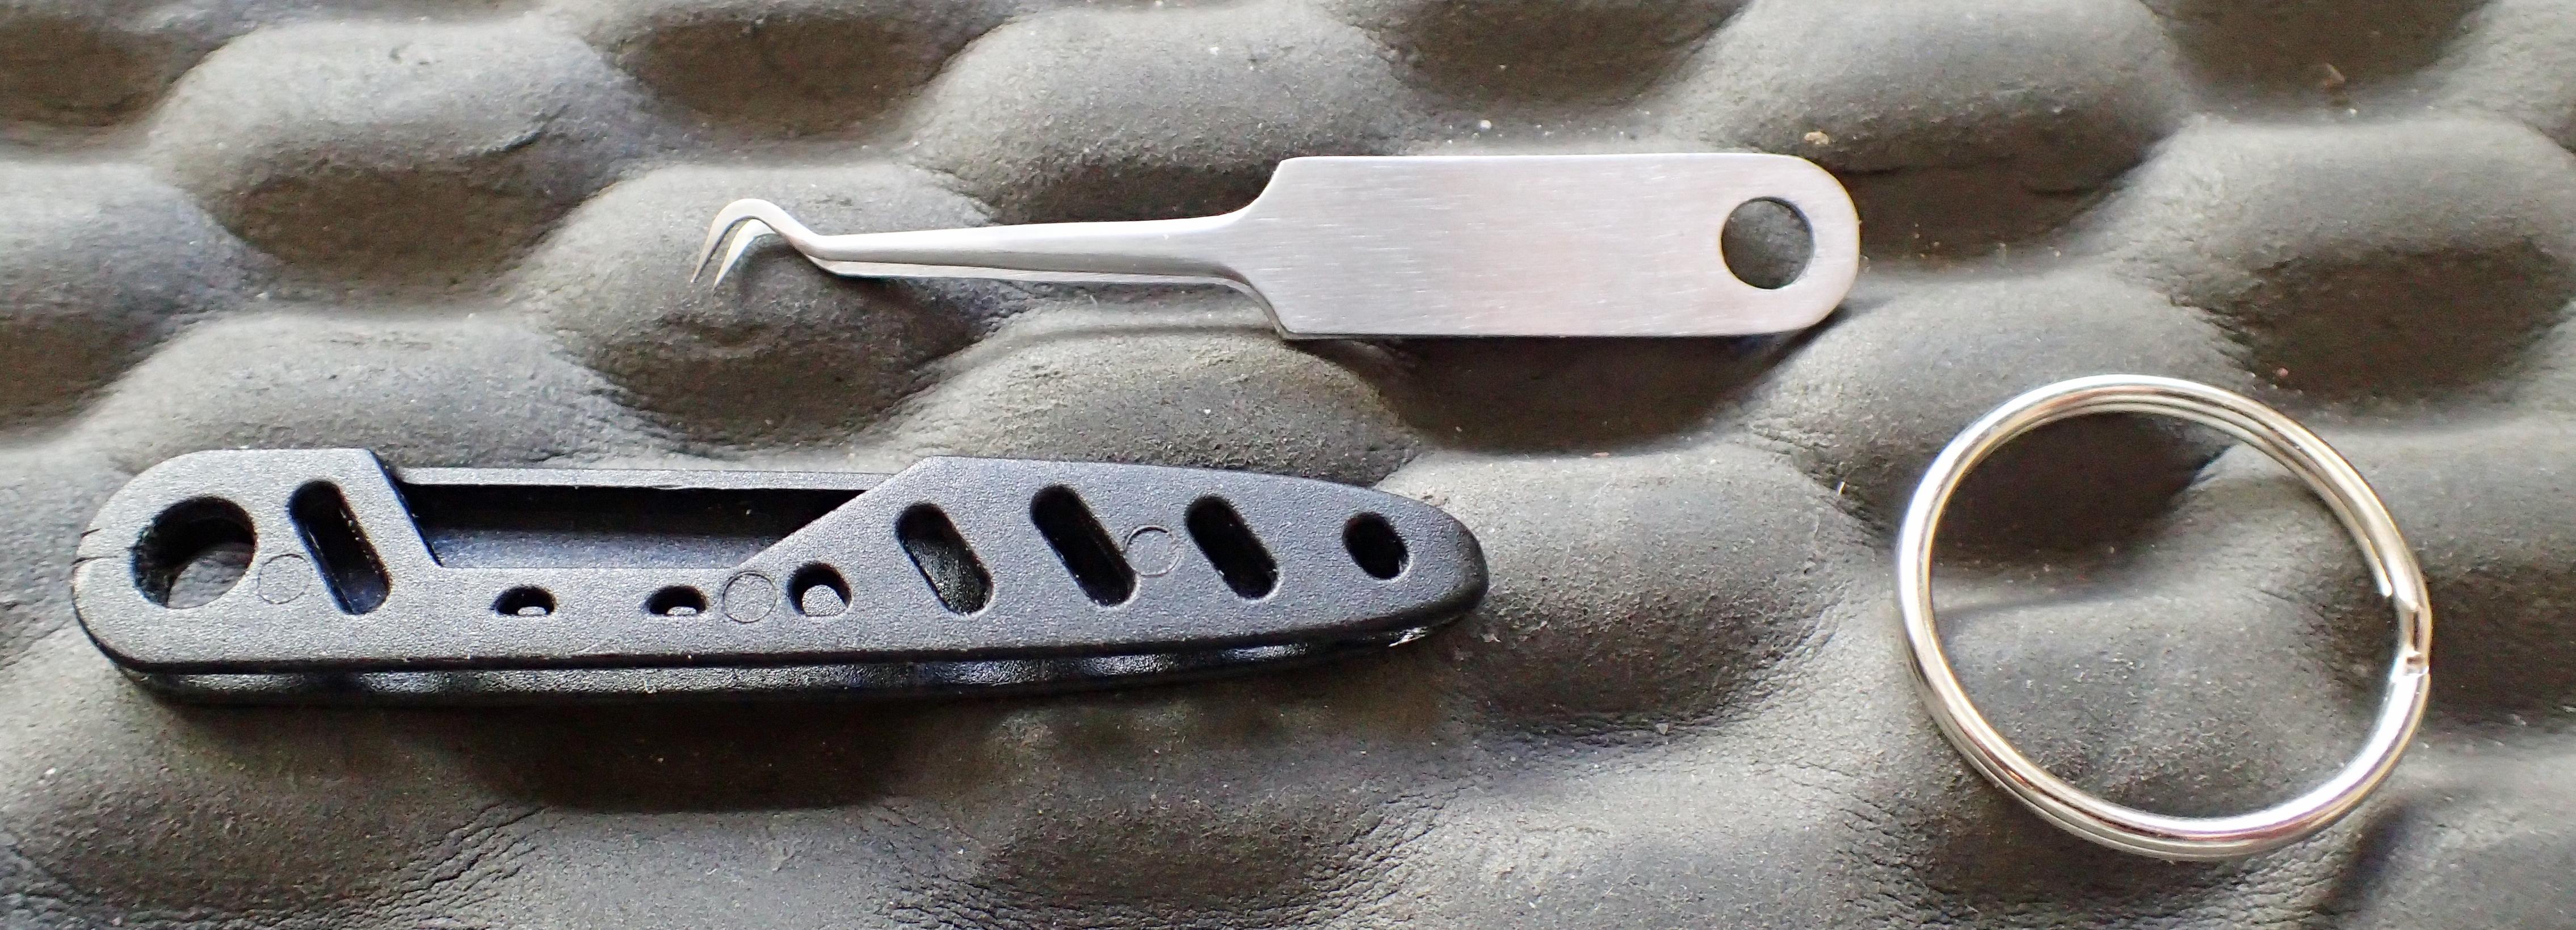 Dismantled Lifesystems keychain tick tweers- tweers: 3.0g, case: 1.4g, keyring: 1.9g